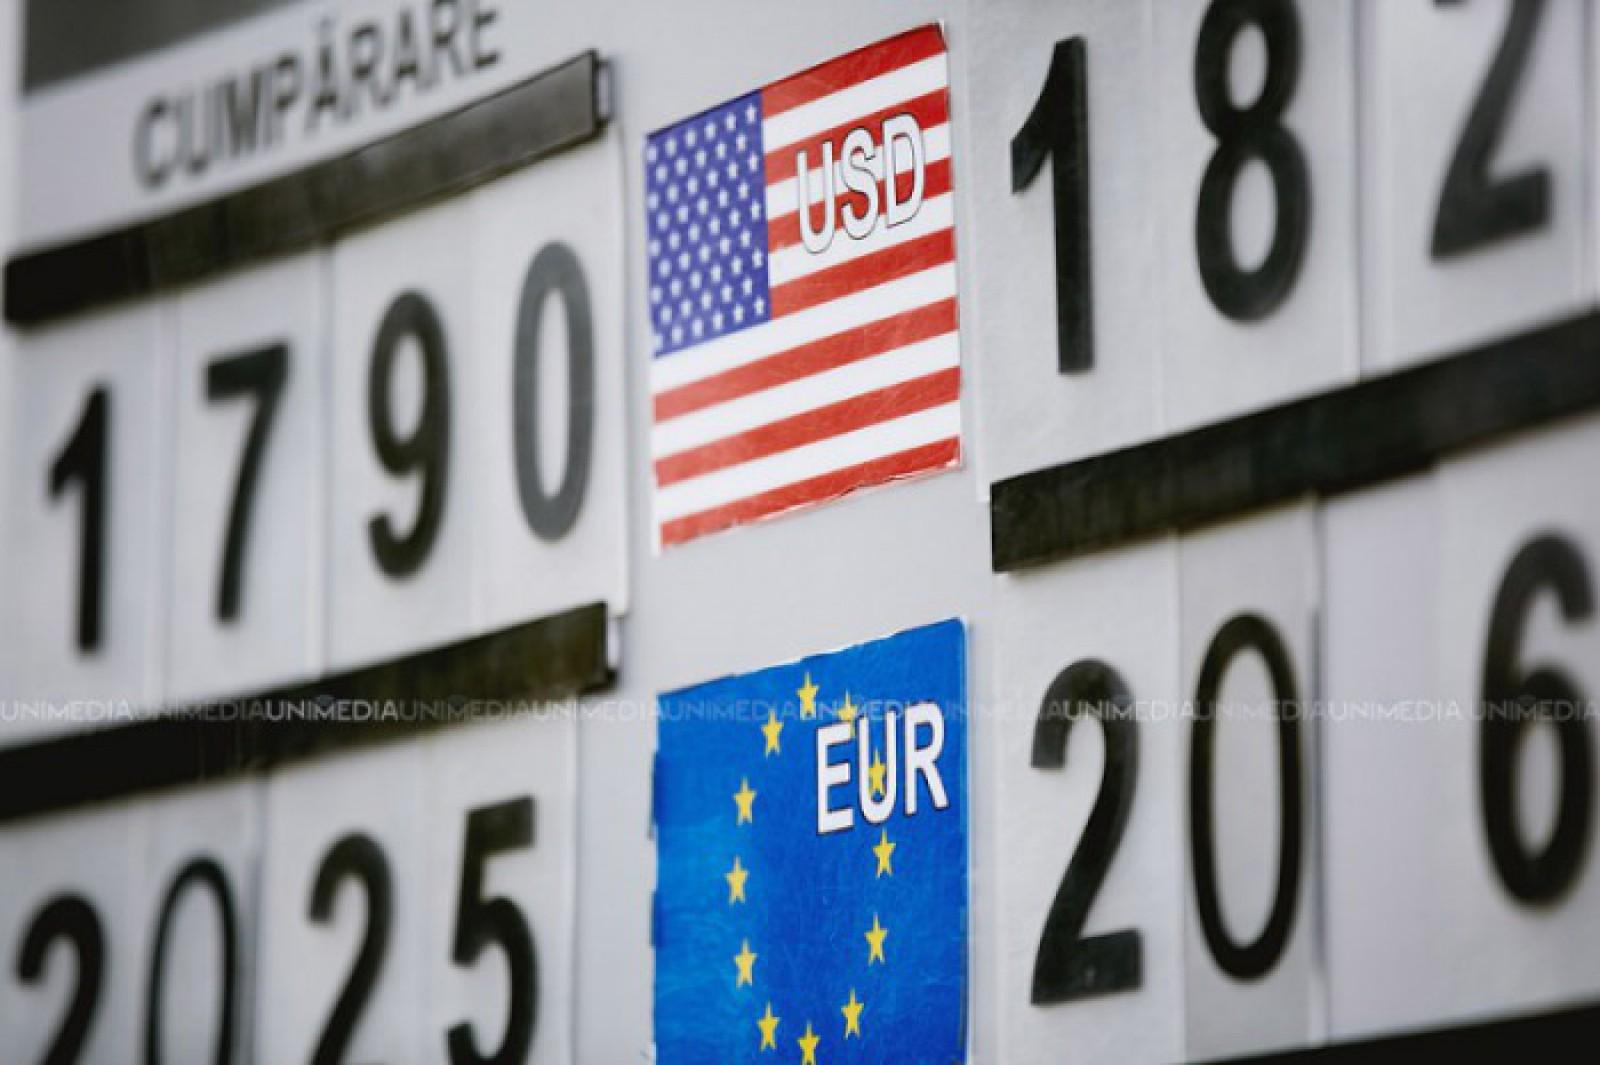 Curs valutar: Leul moldovenesc, în depreciere față de euro cu 7 bani